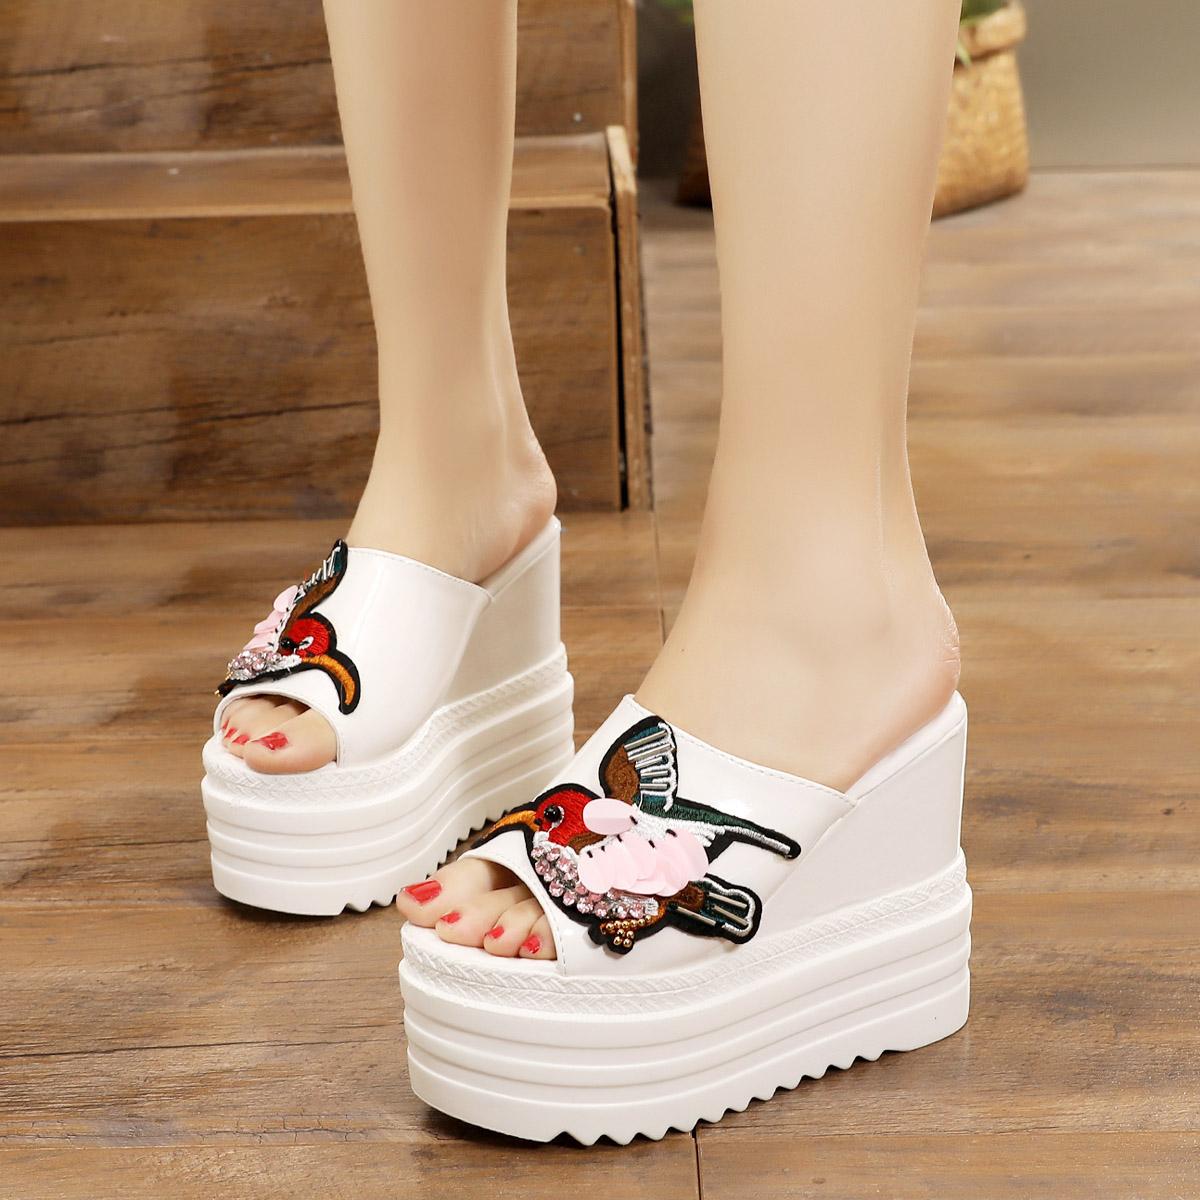 12CM坡跟超高跟凉鞋拖鞋女防水台松糕厚底鱼嘴鞋欧美夏季白色女拖